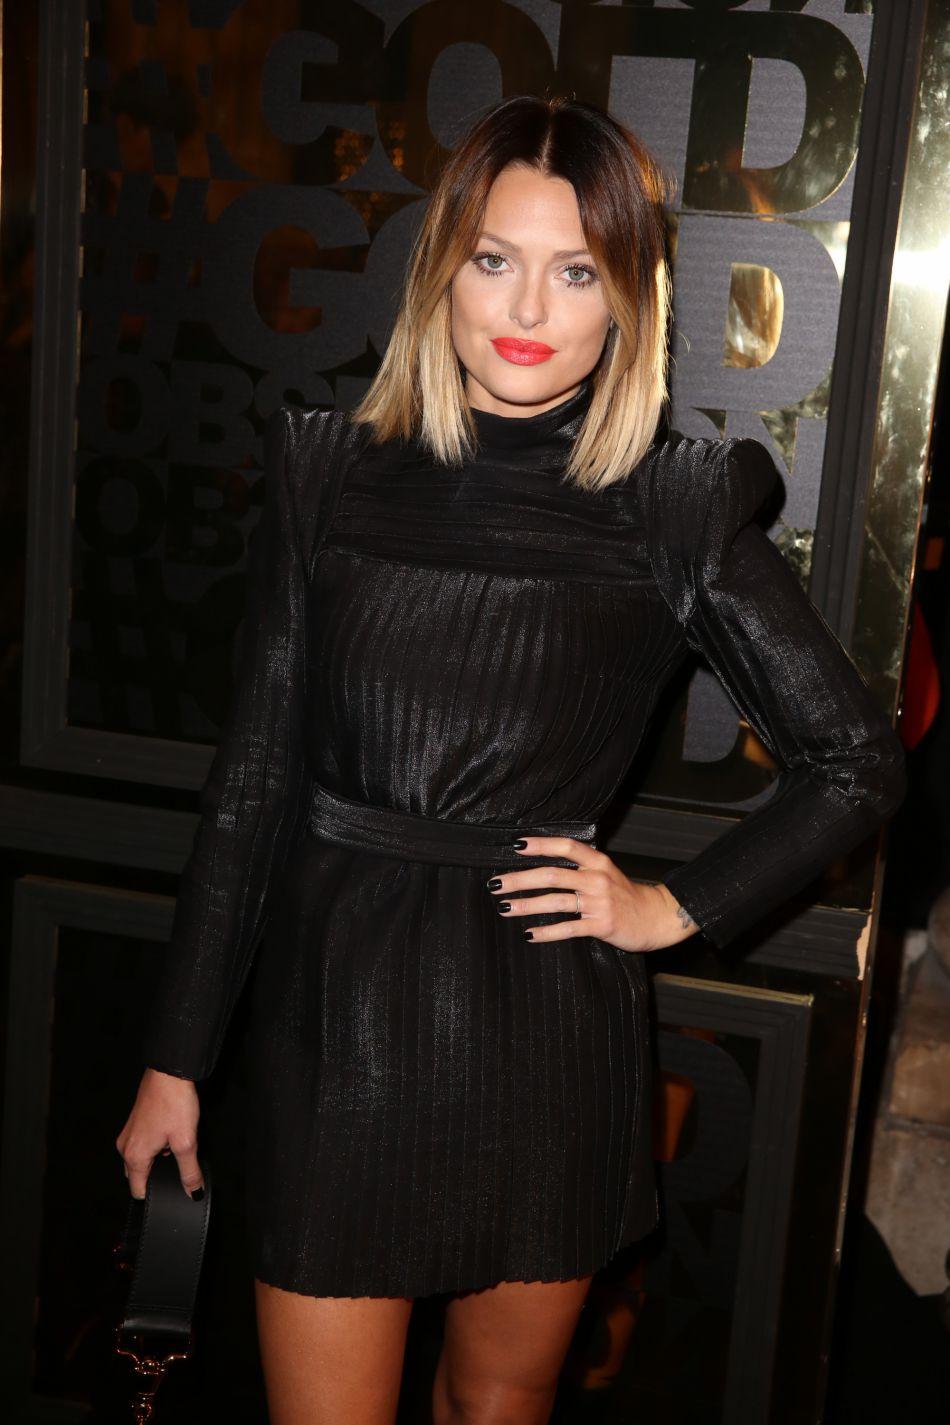 La blogeuse mode a créé sa ligne de vêtements avec la marque MissGuided.